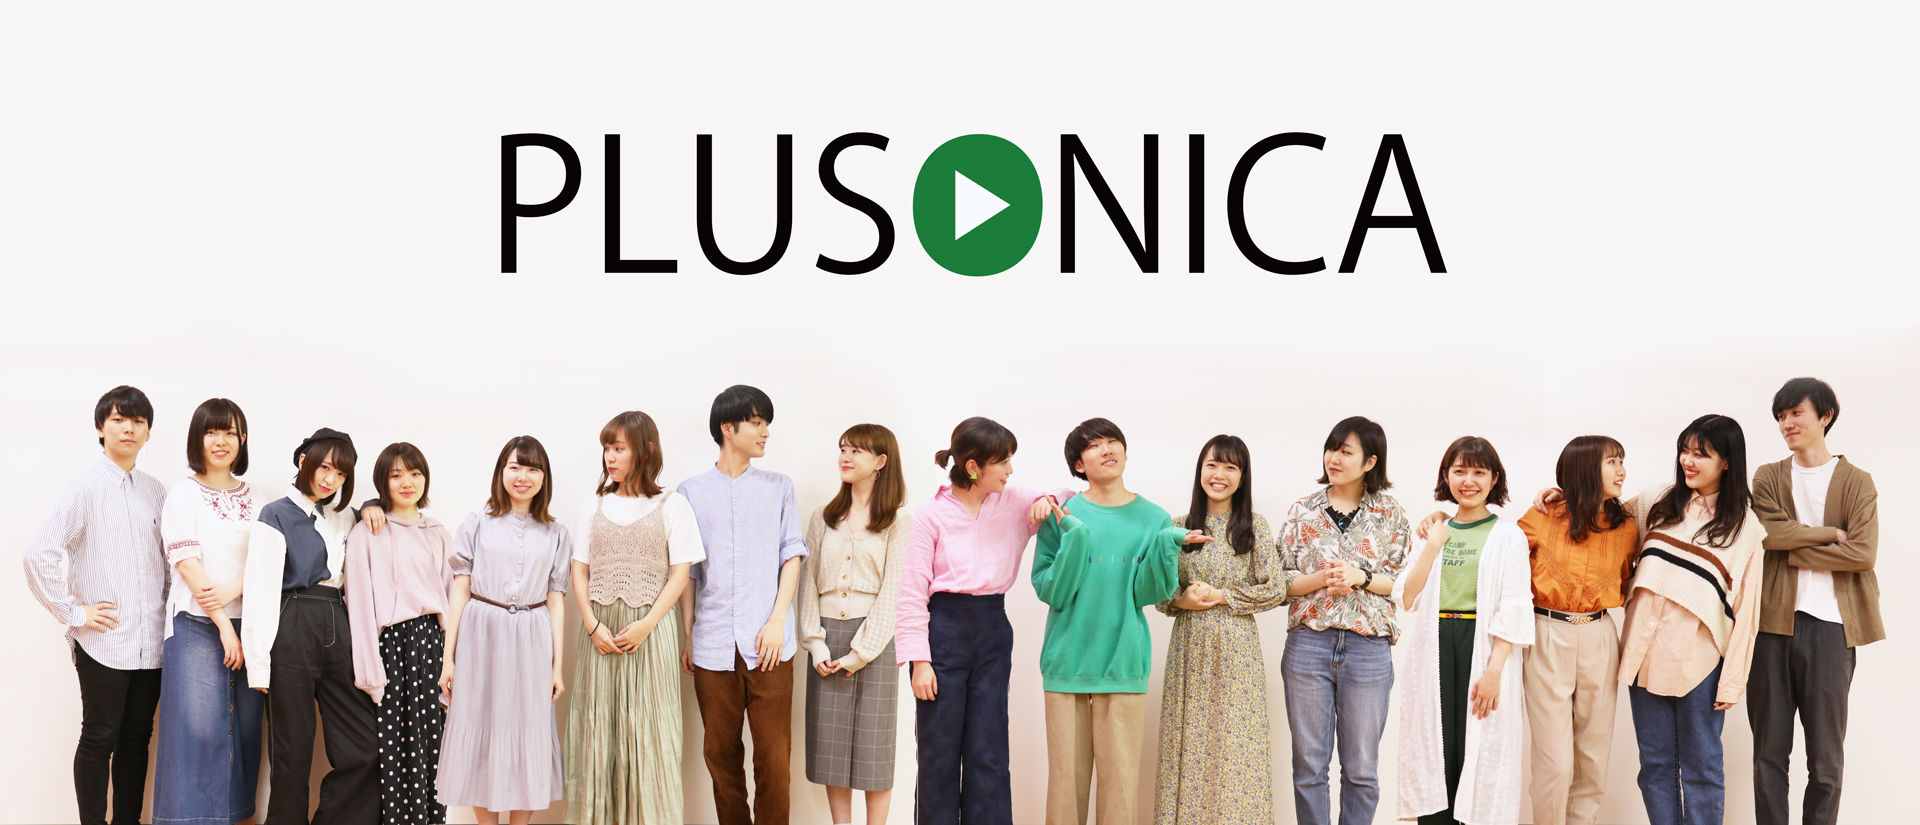 ぷらそにカーニバル2019 3rd Anniversary Festival追加公演 ~挑戦~